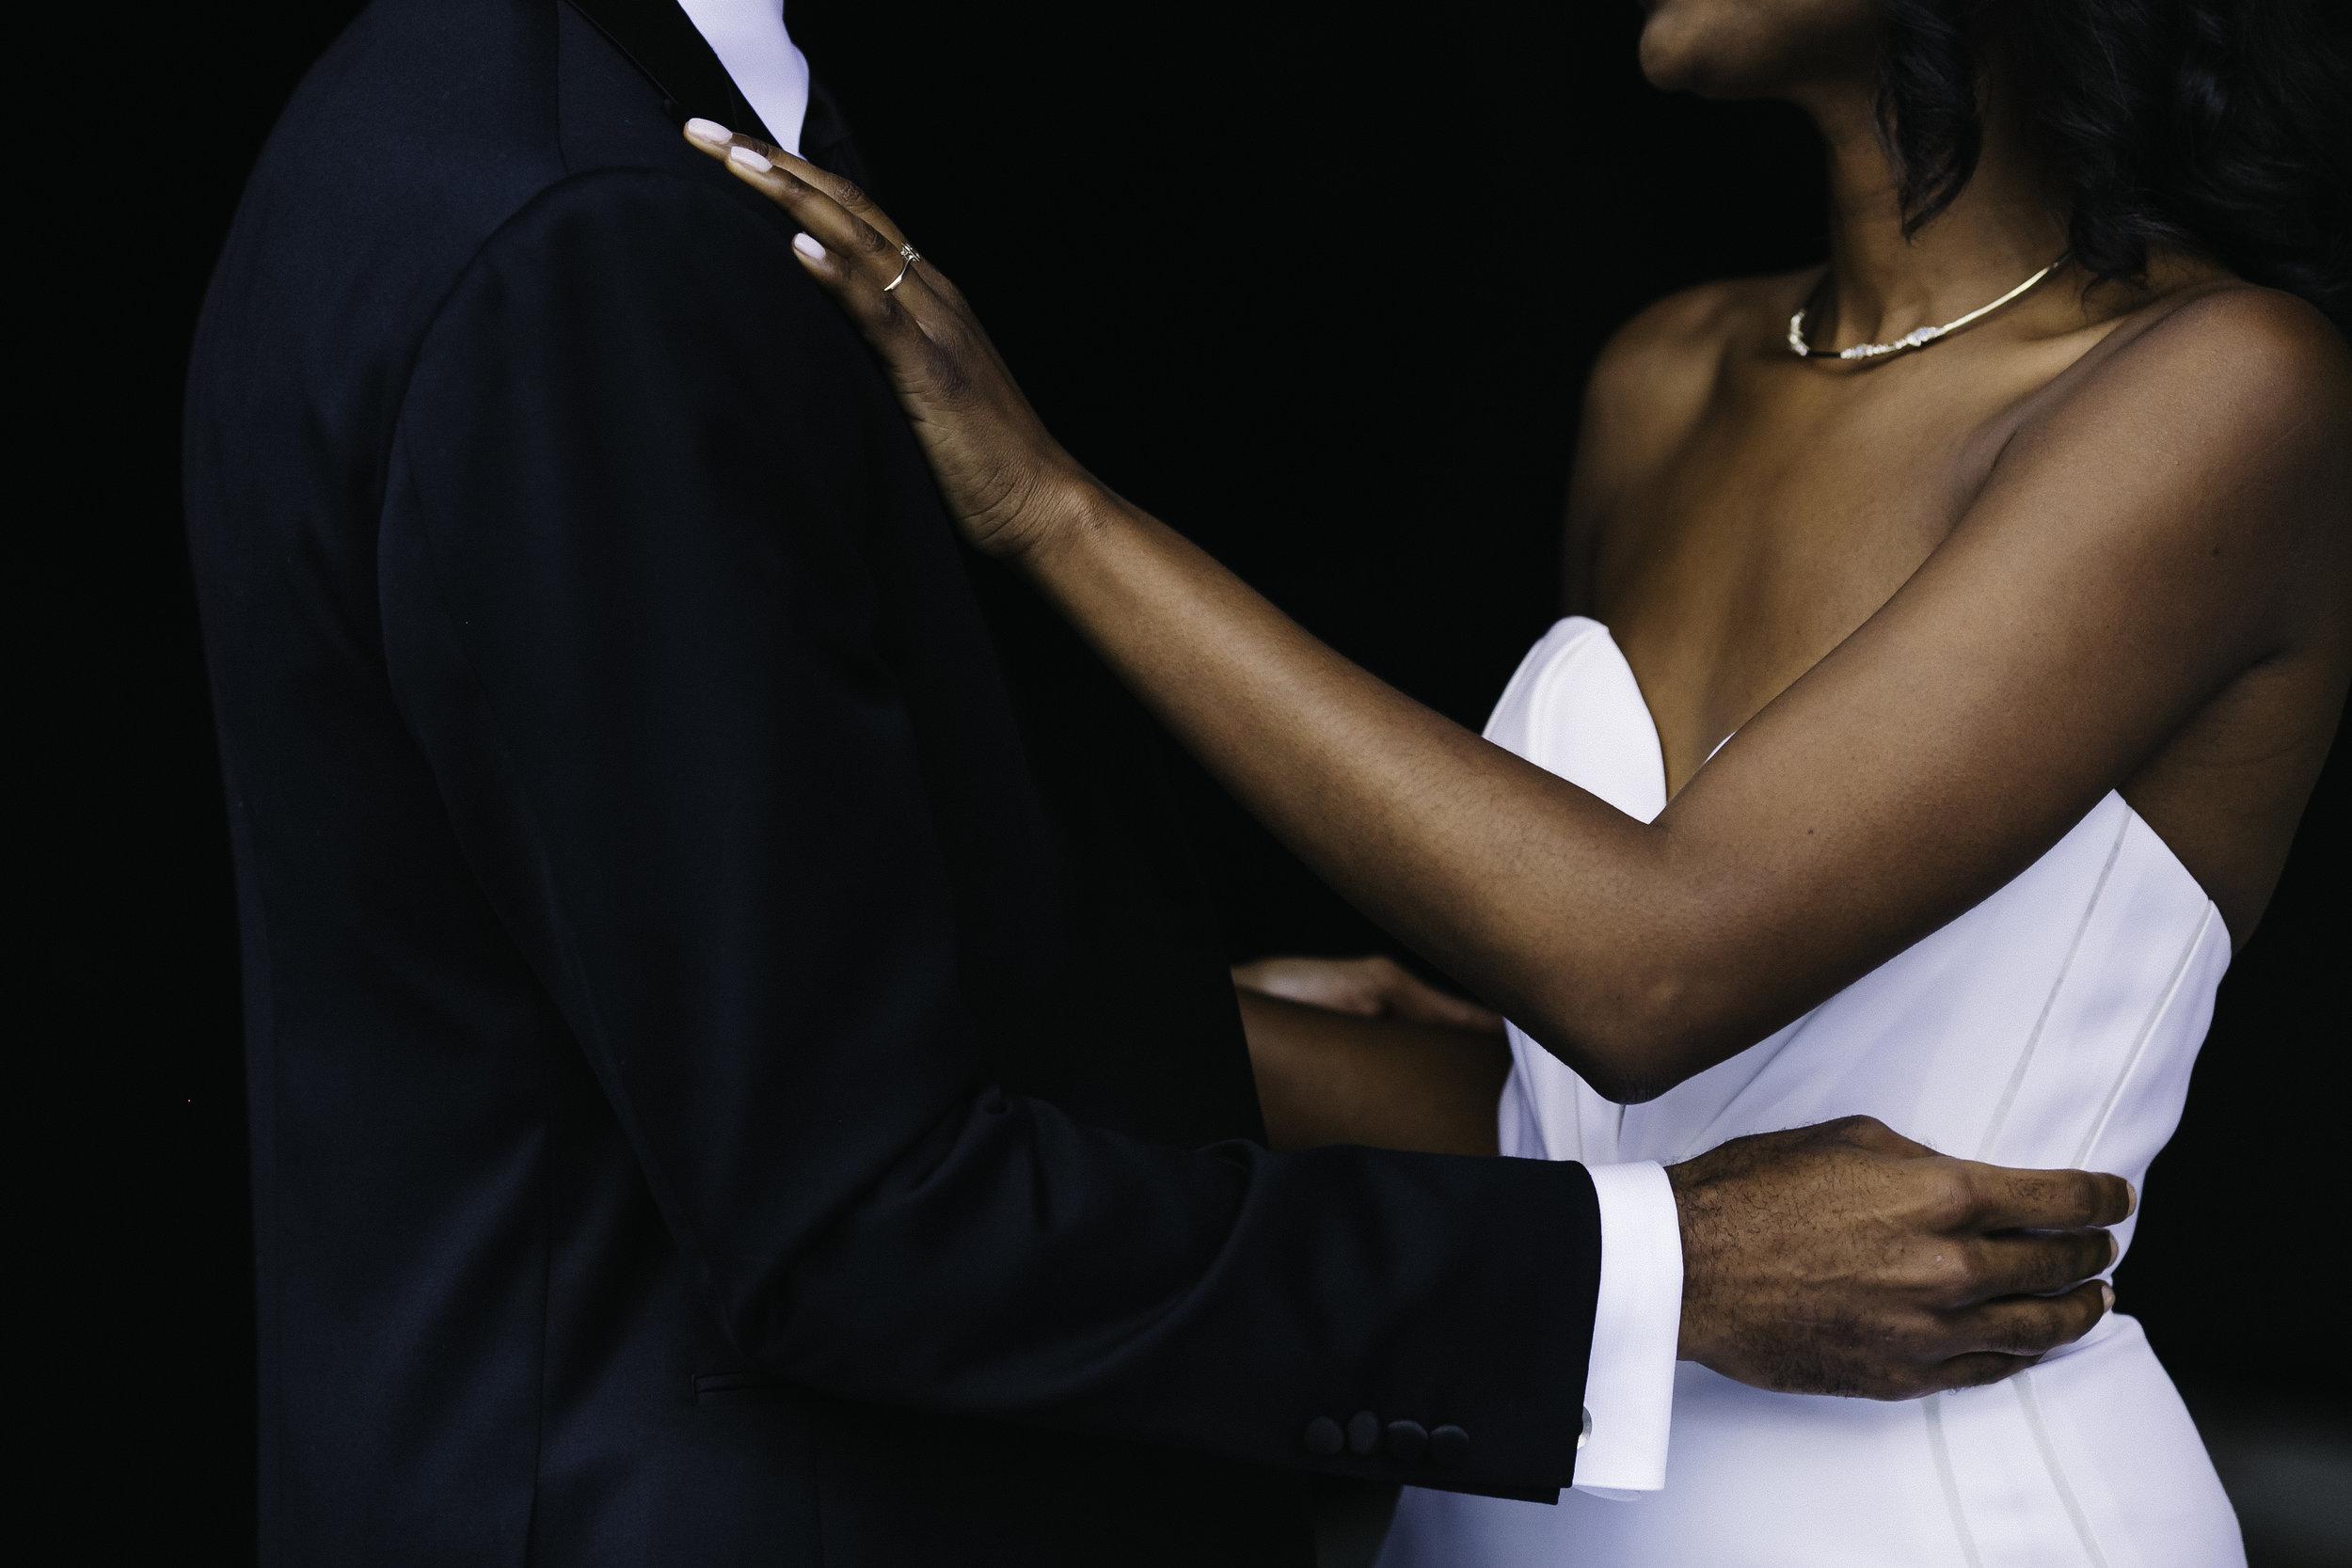 wedding portfolio 2016 - 4441.jpg